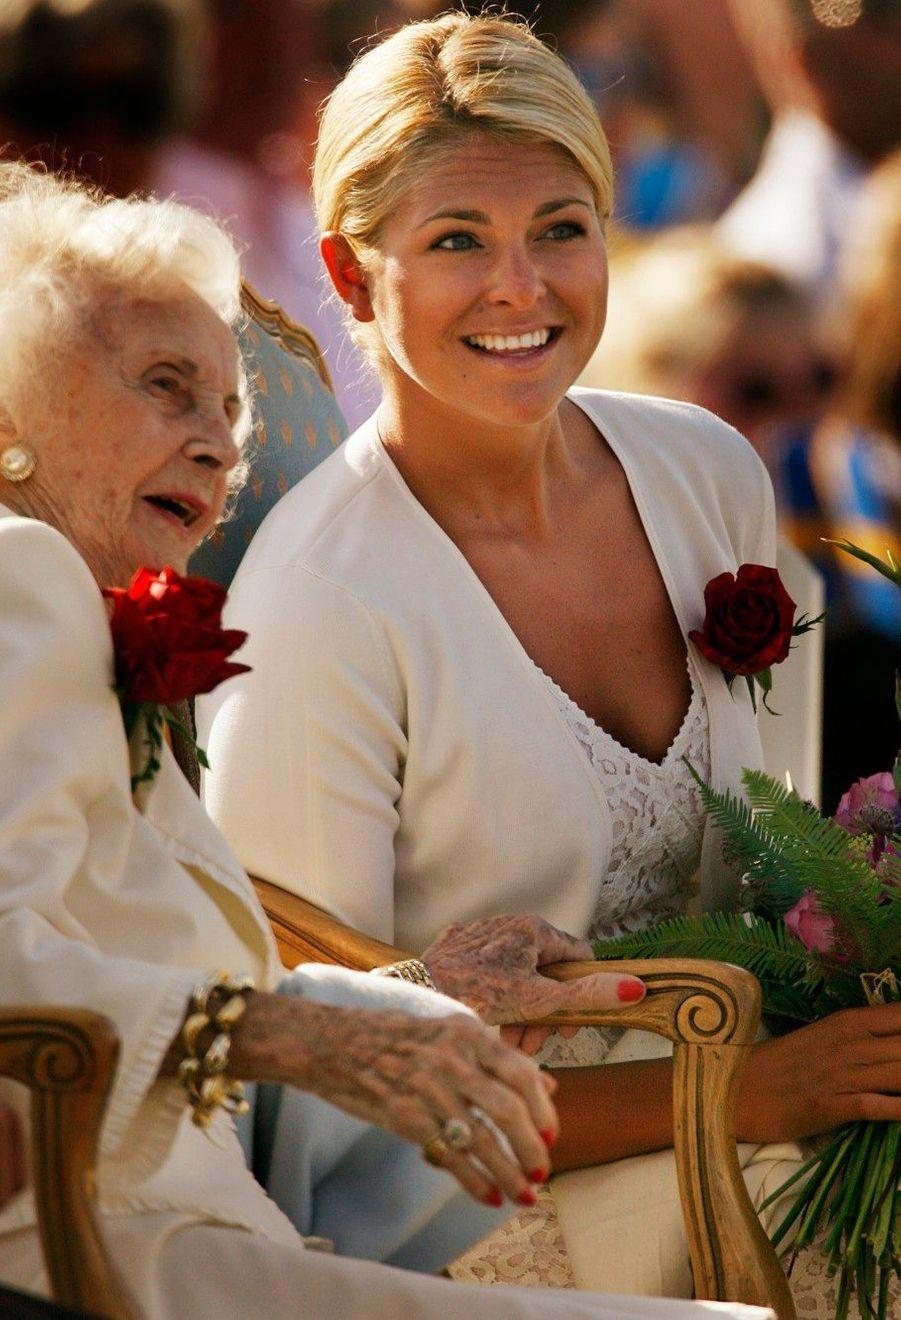 Avec la princesse Lilian (épouse du prince Bertil, tante du roi Carl Gustaf) en 2006